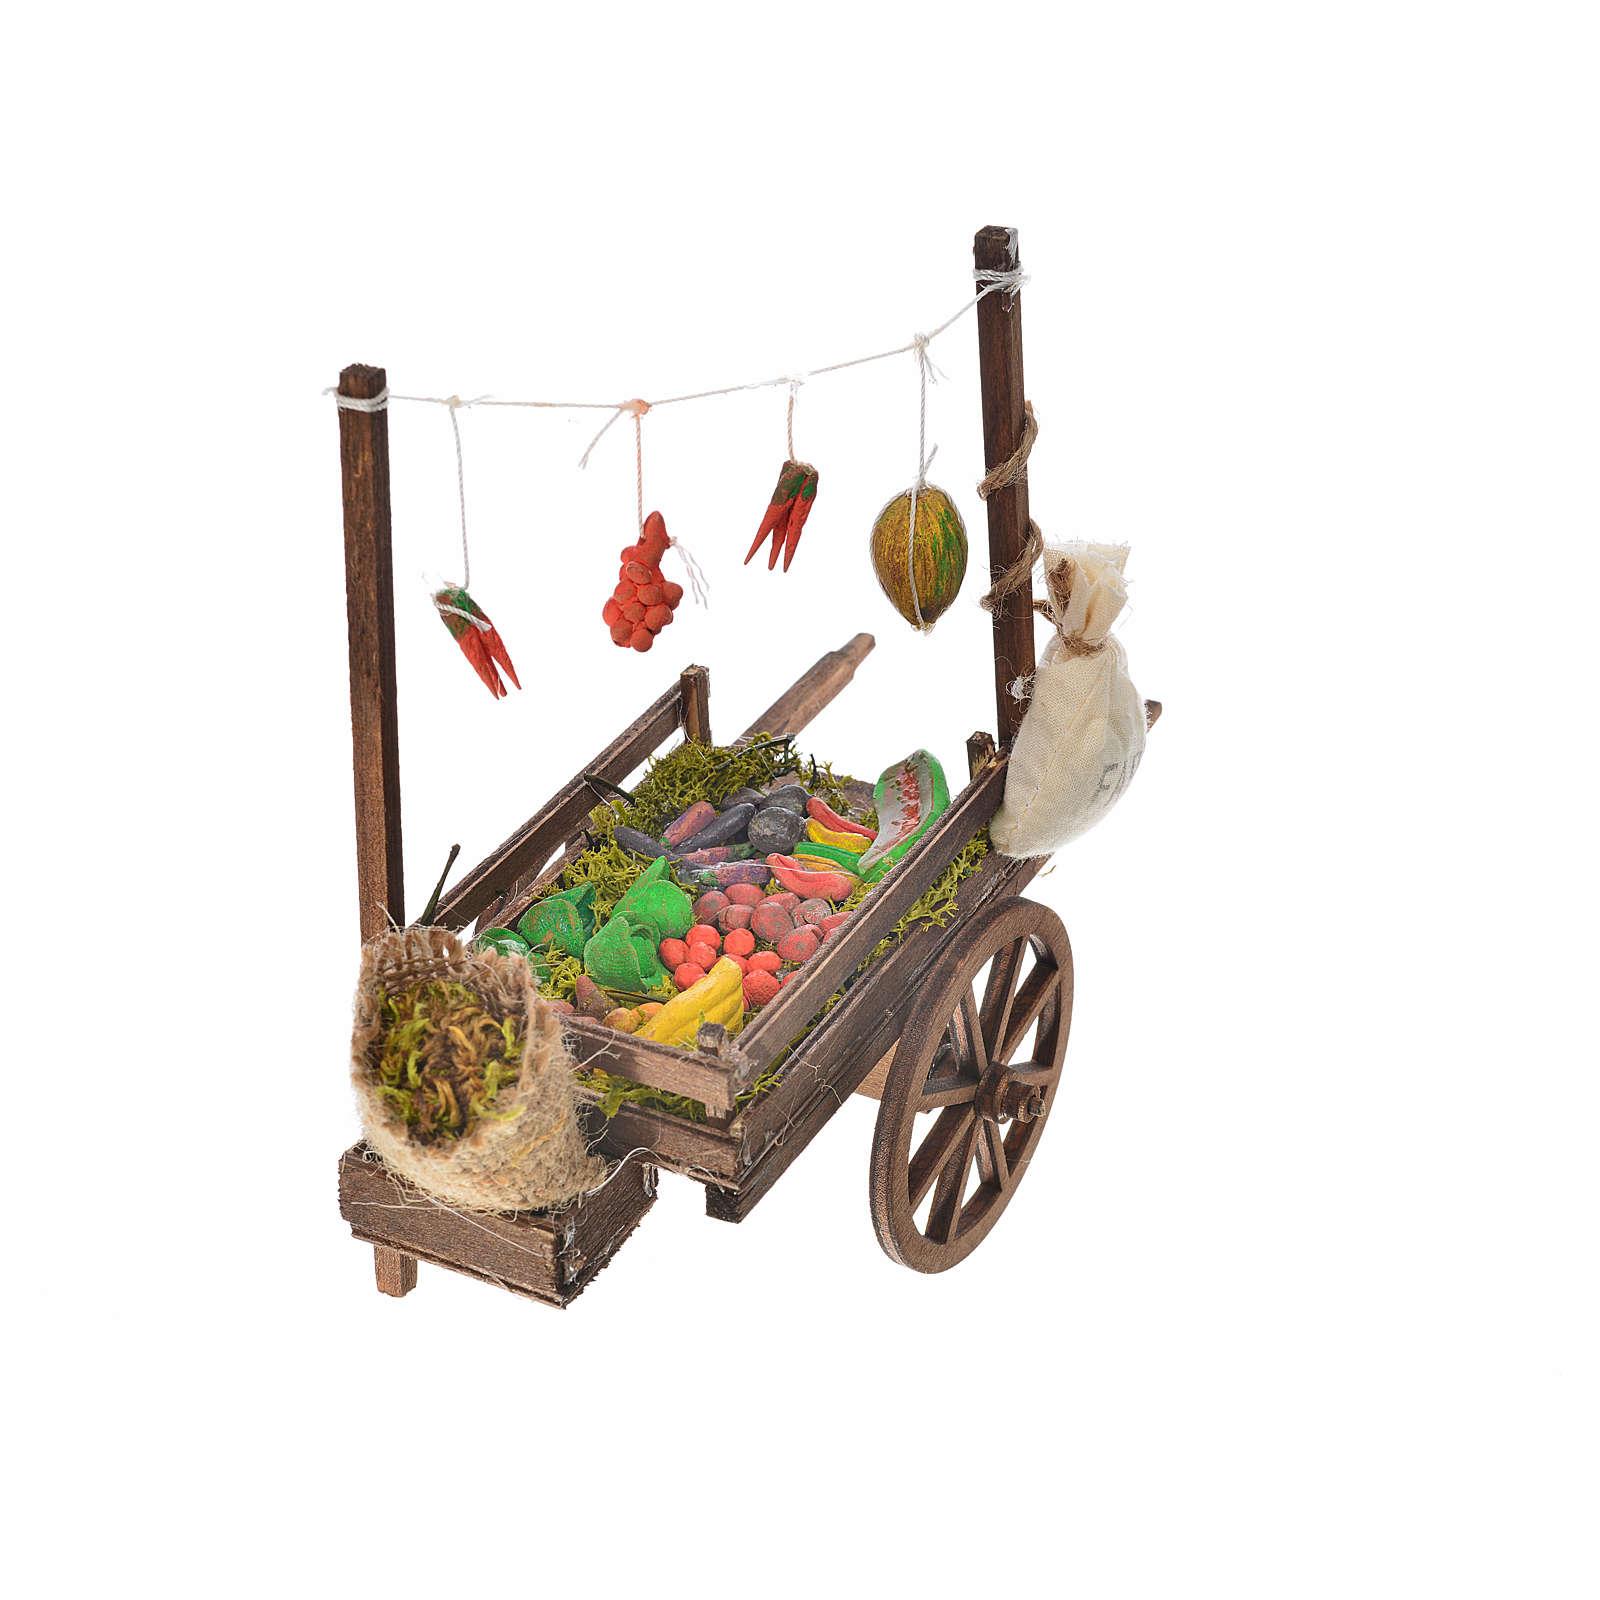 Carretto napoletano frutta ortaggi terracotta 15x18x8 cm 4